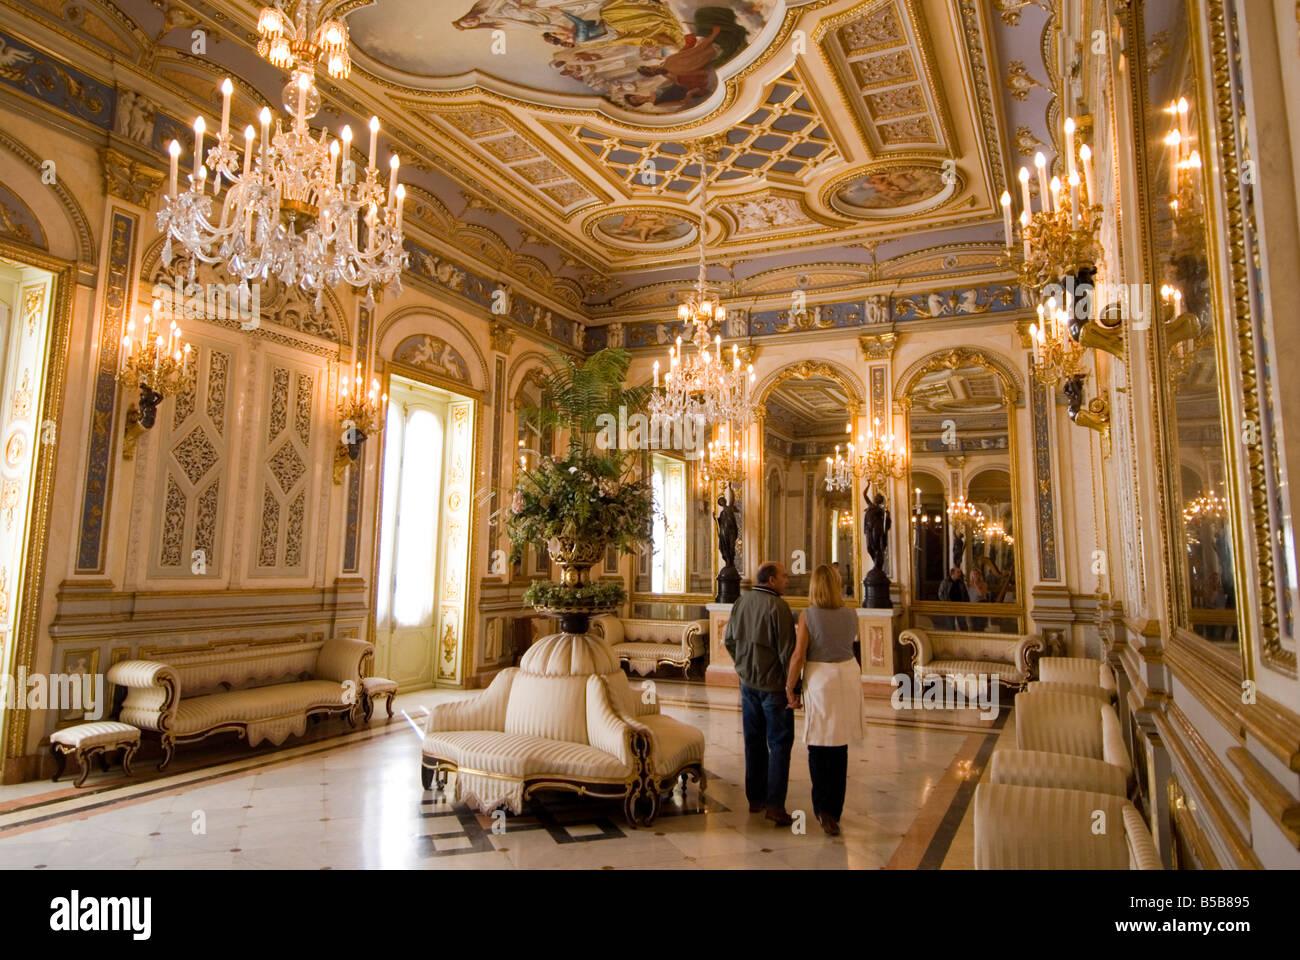 Ballroom Salon De Bail In The Palacio Del Marques De Dos Aguas Which Stock Ph...